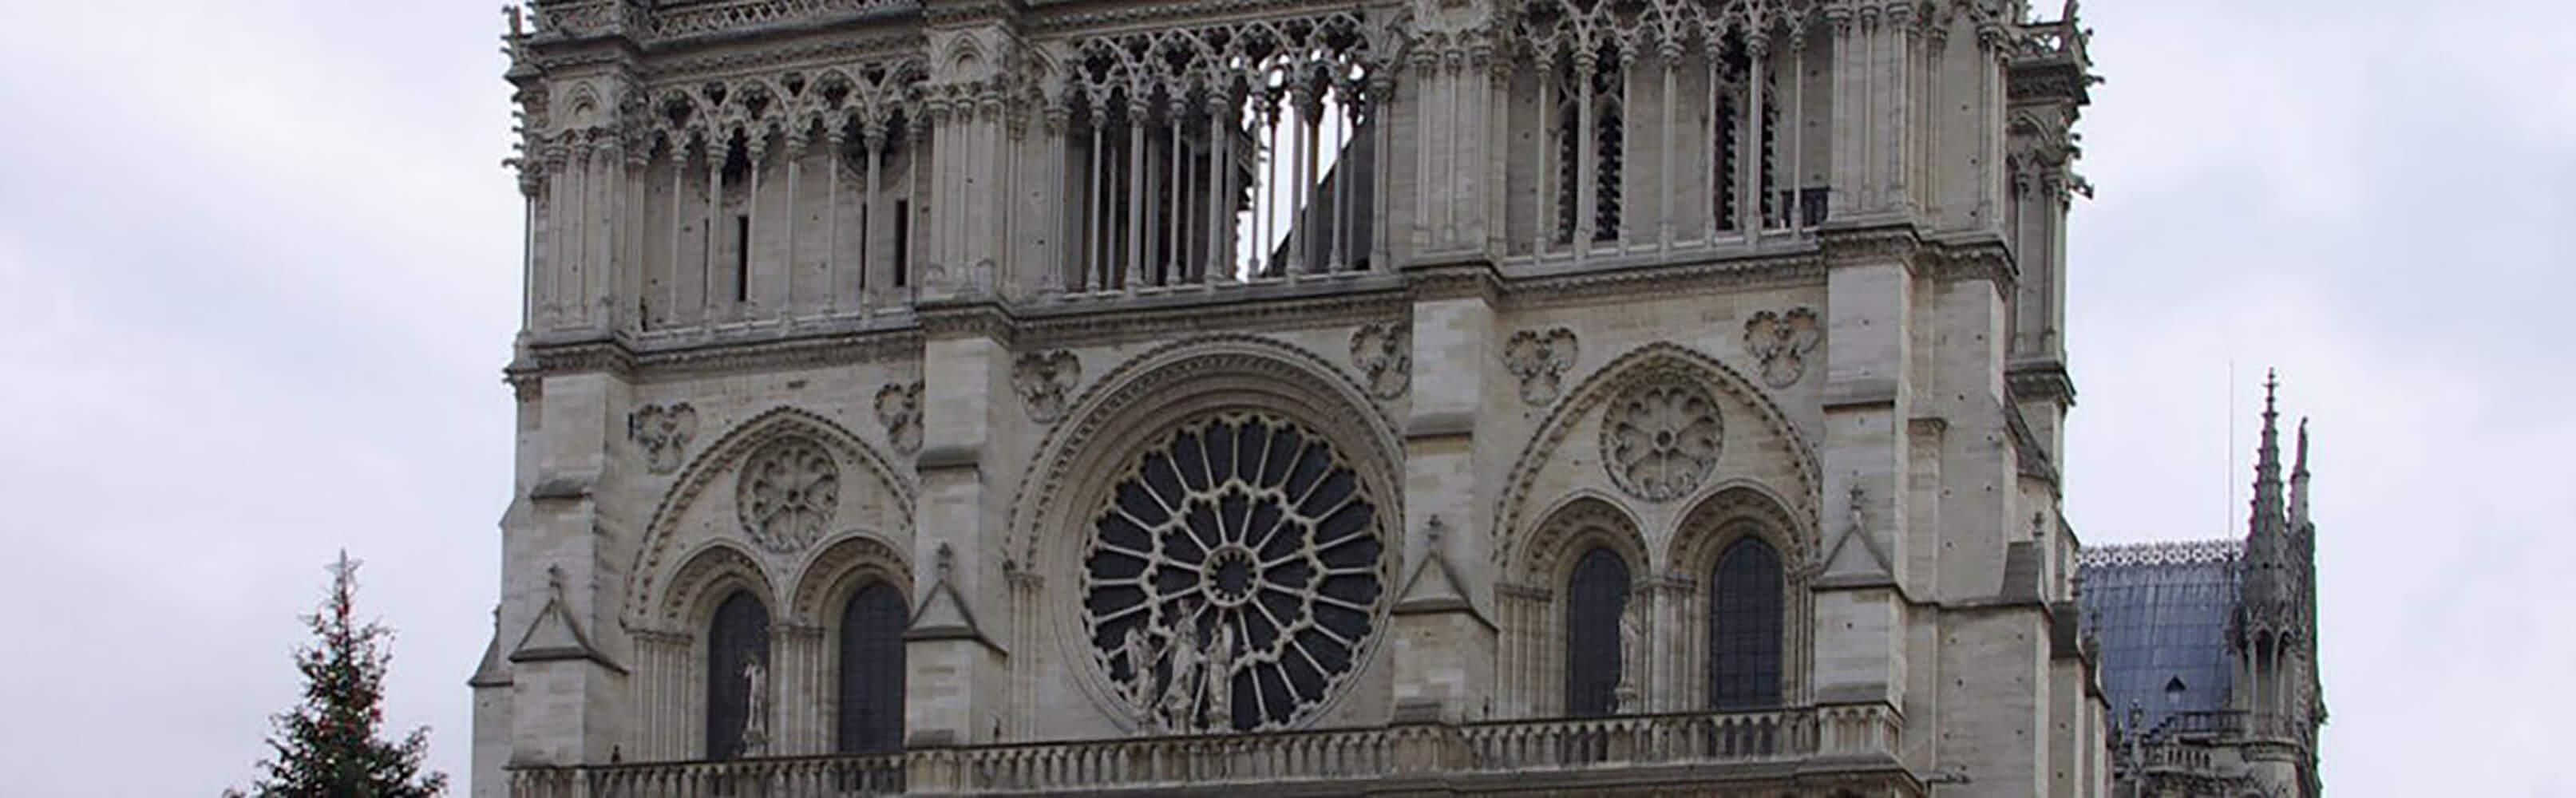 Kathedrale Notre-Dame de Paris 1